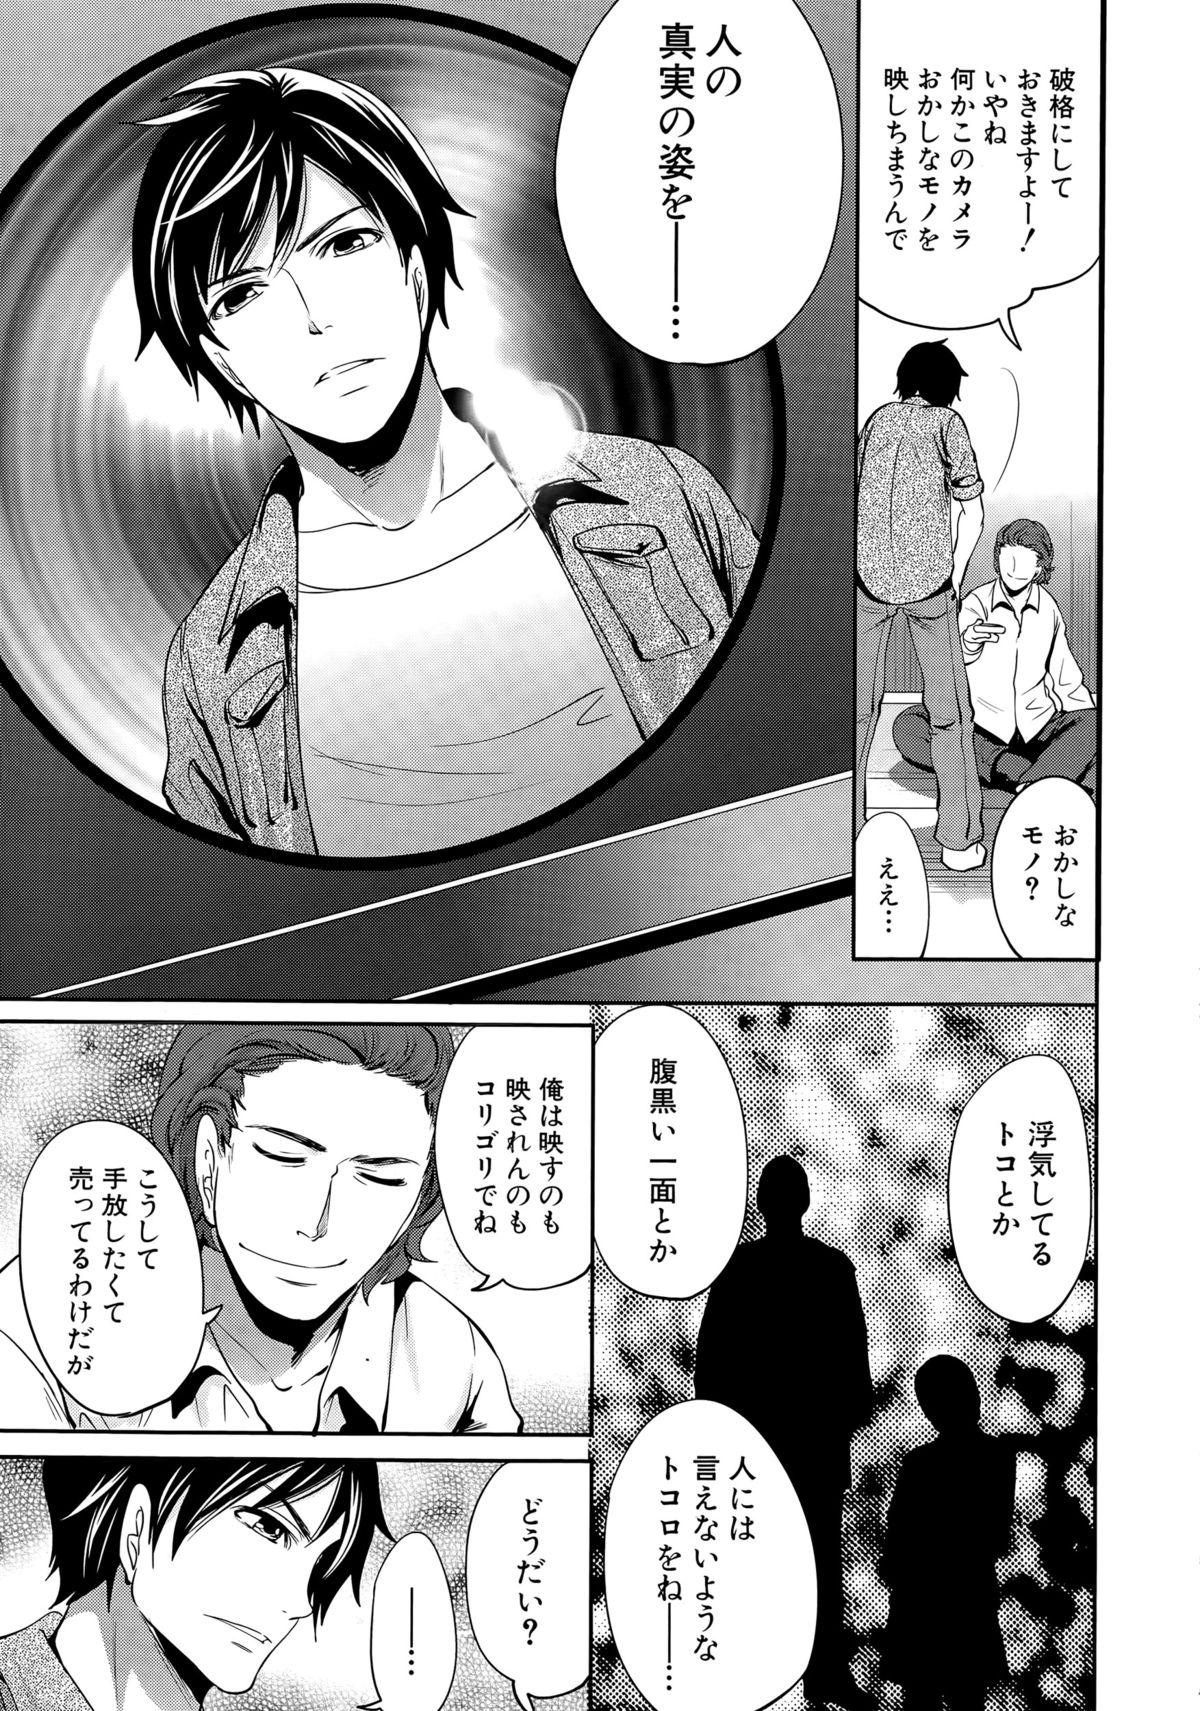 [Miyahara Ayumu] Kanojo-tachi wa Abakareta Ch. 1-2 10